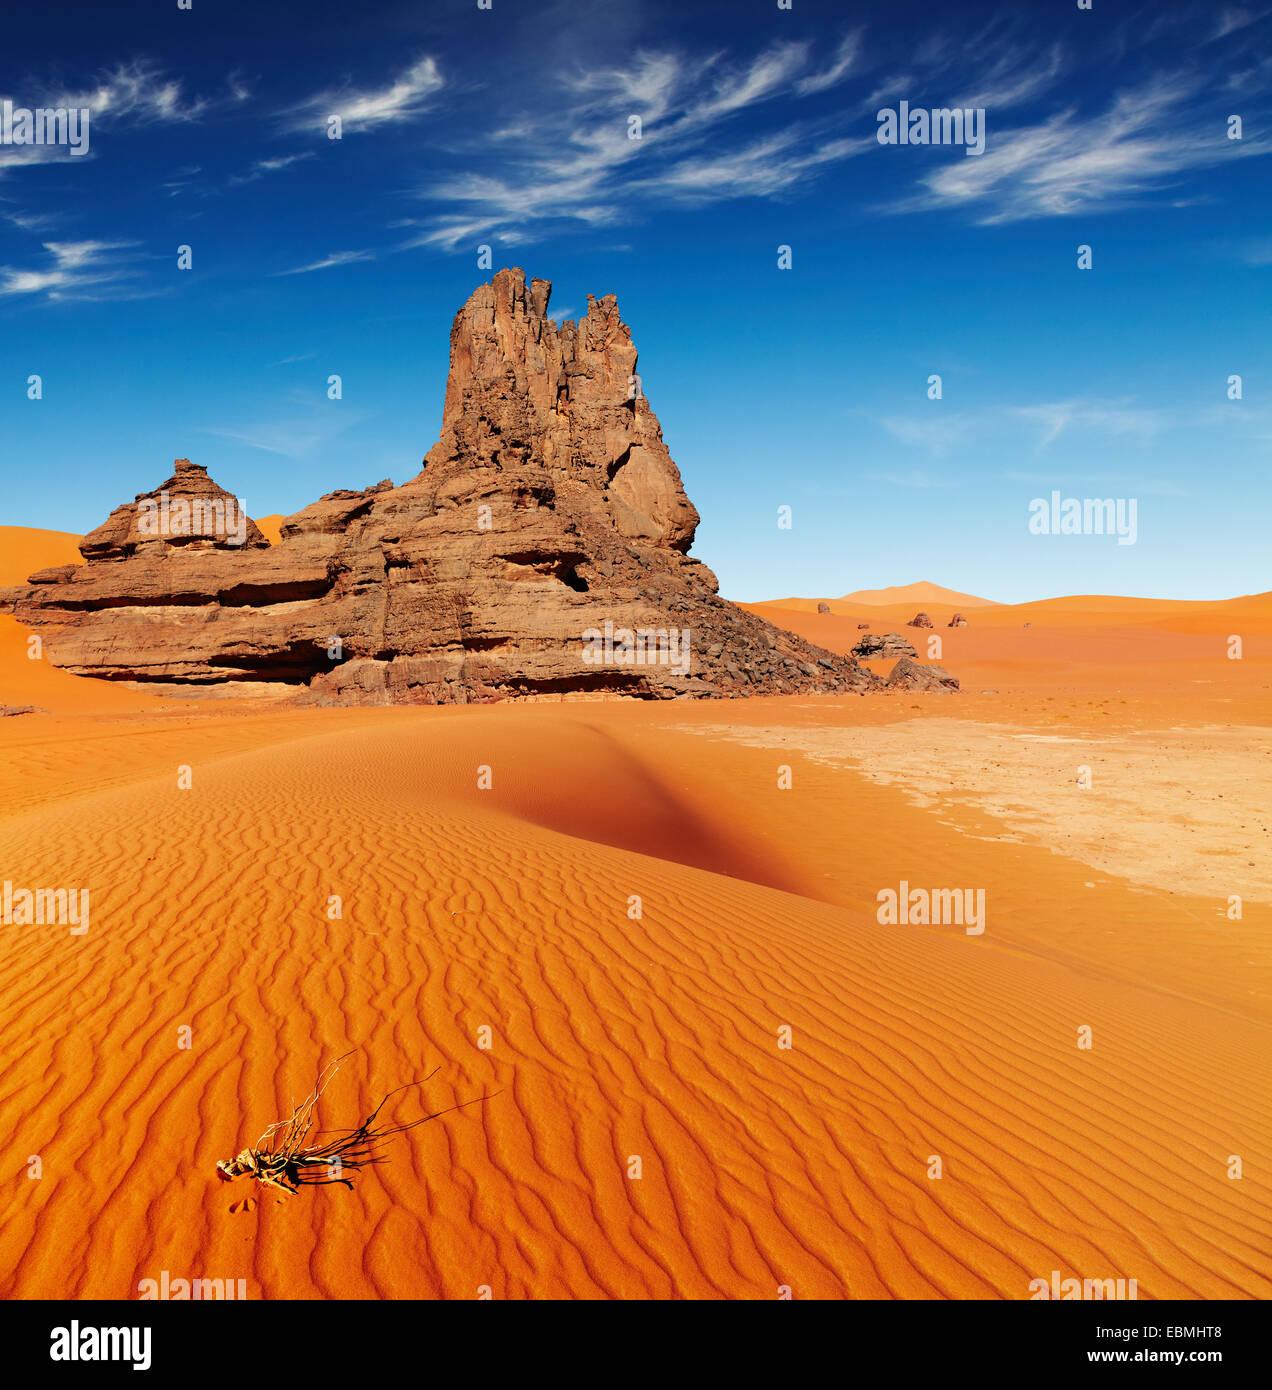 Dunes de sable et rochers, désert du Sahara, l'Algérie Banque D'Images